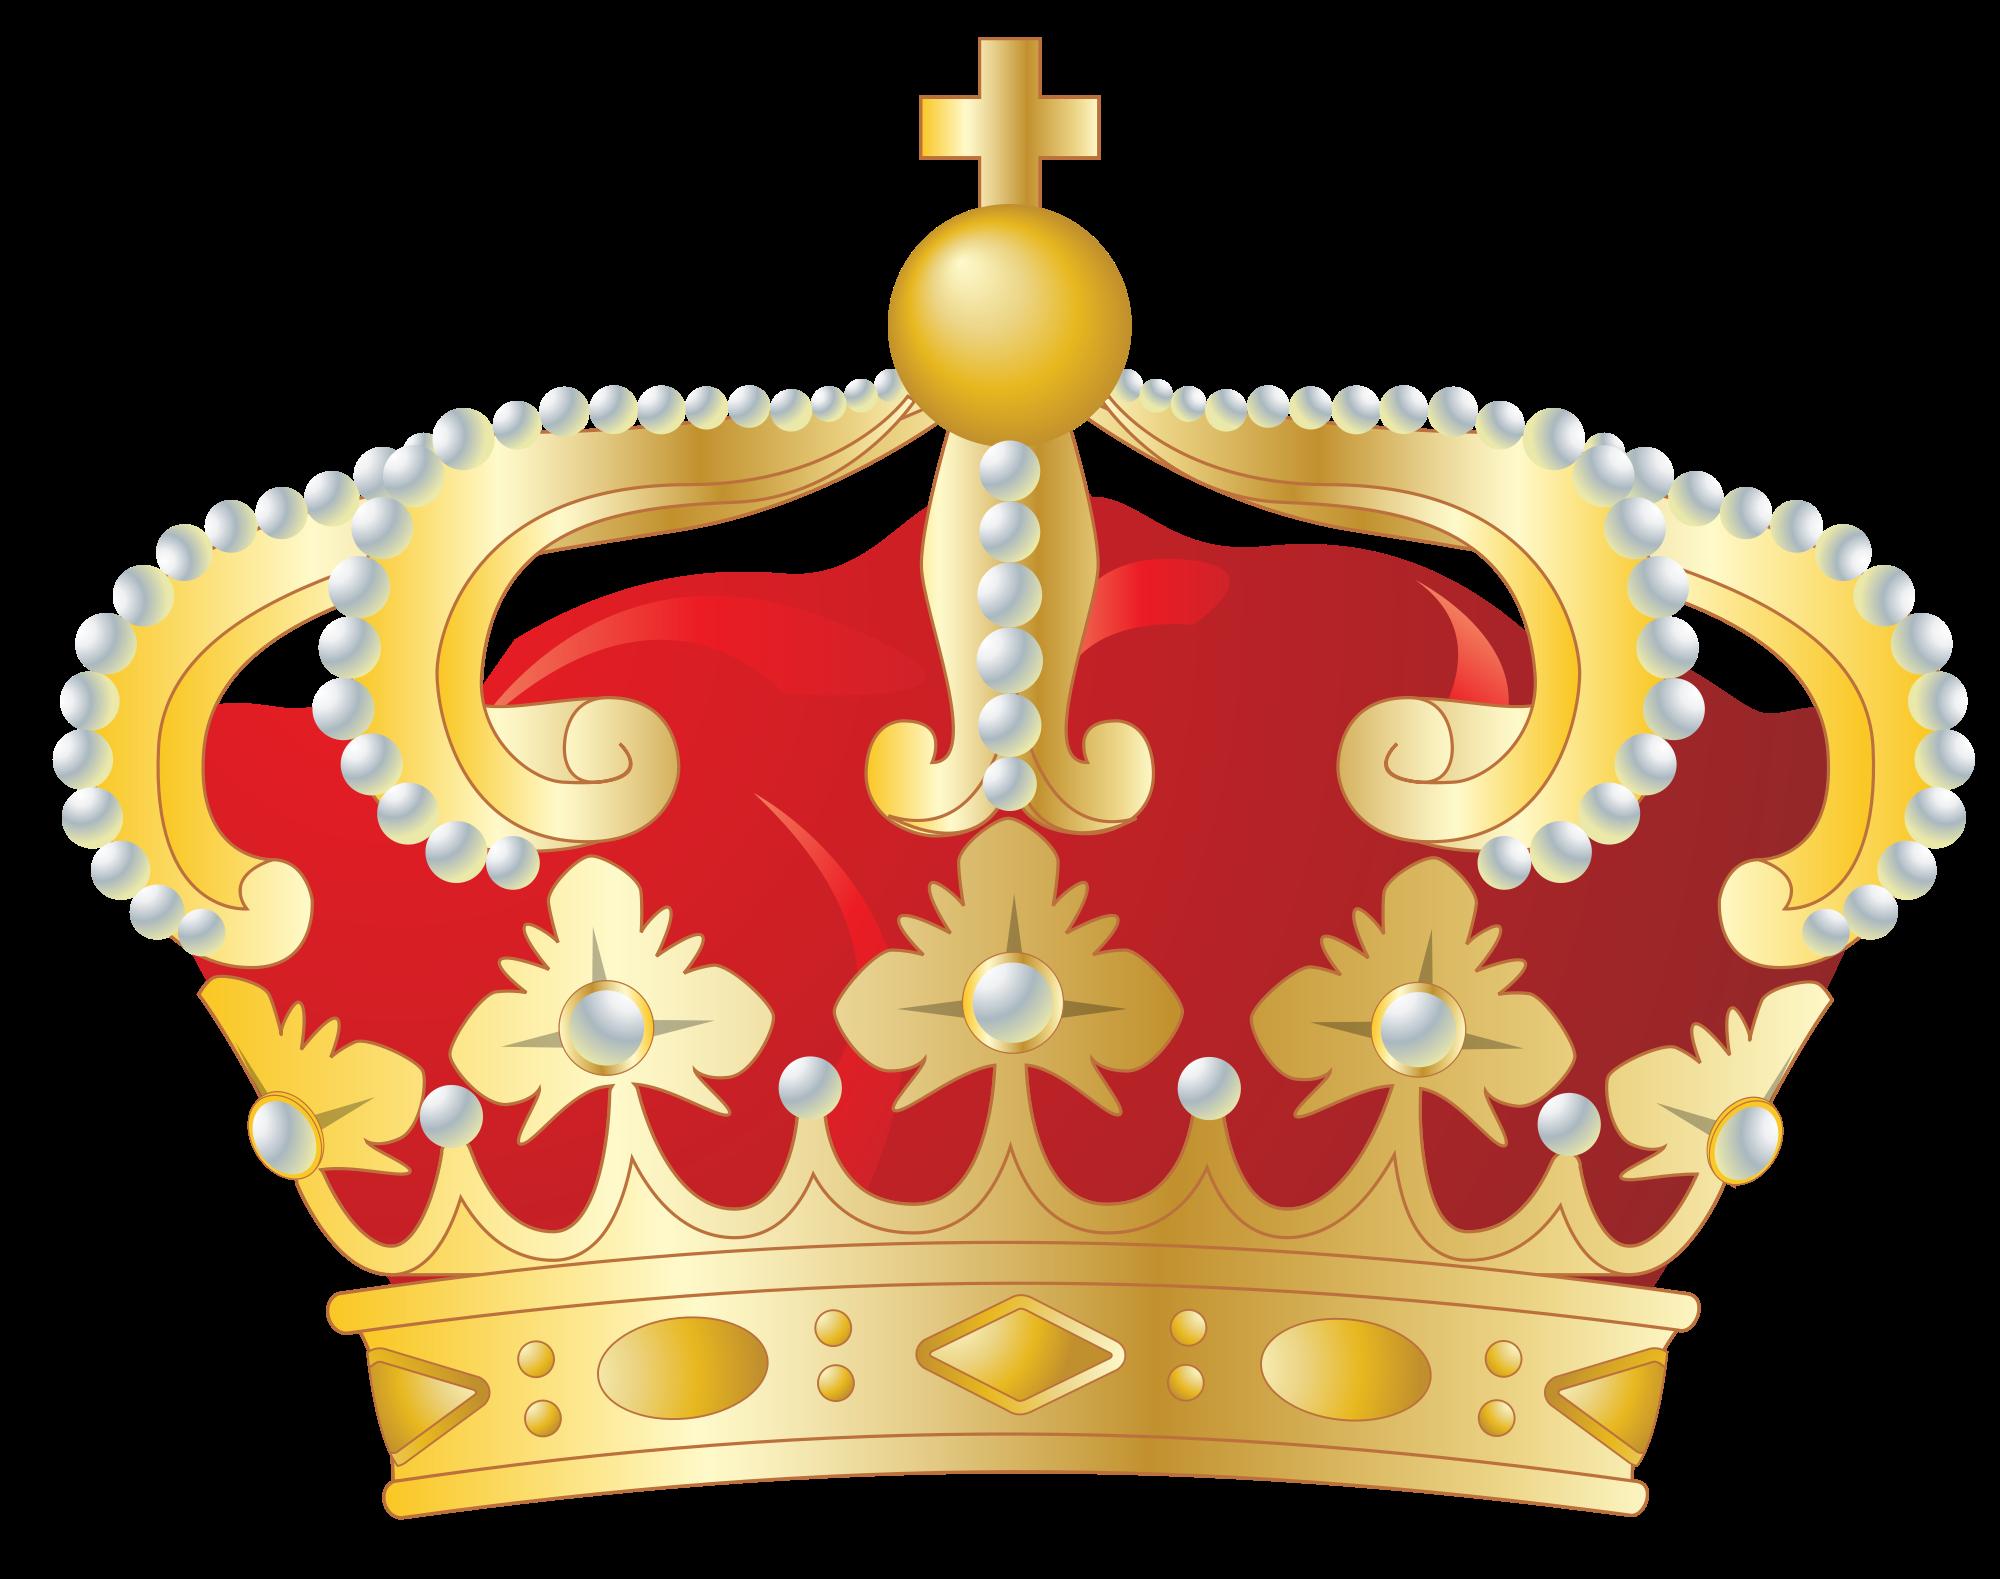 Protista Kingdom copy1 on emaze.